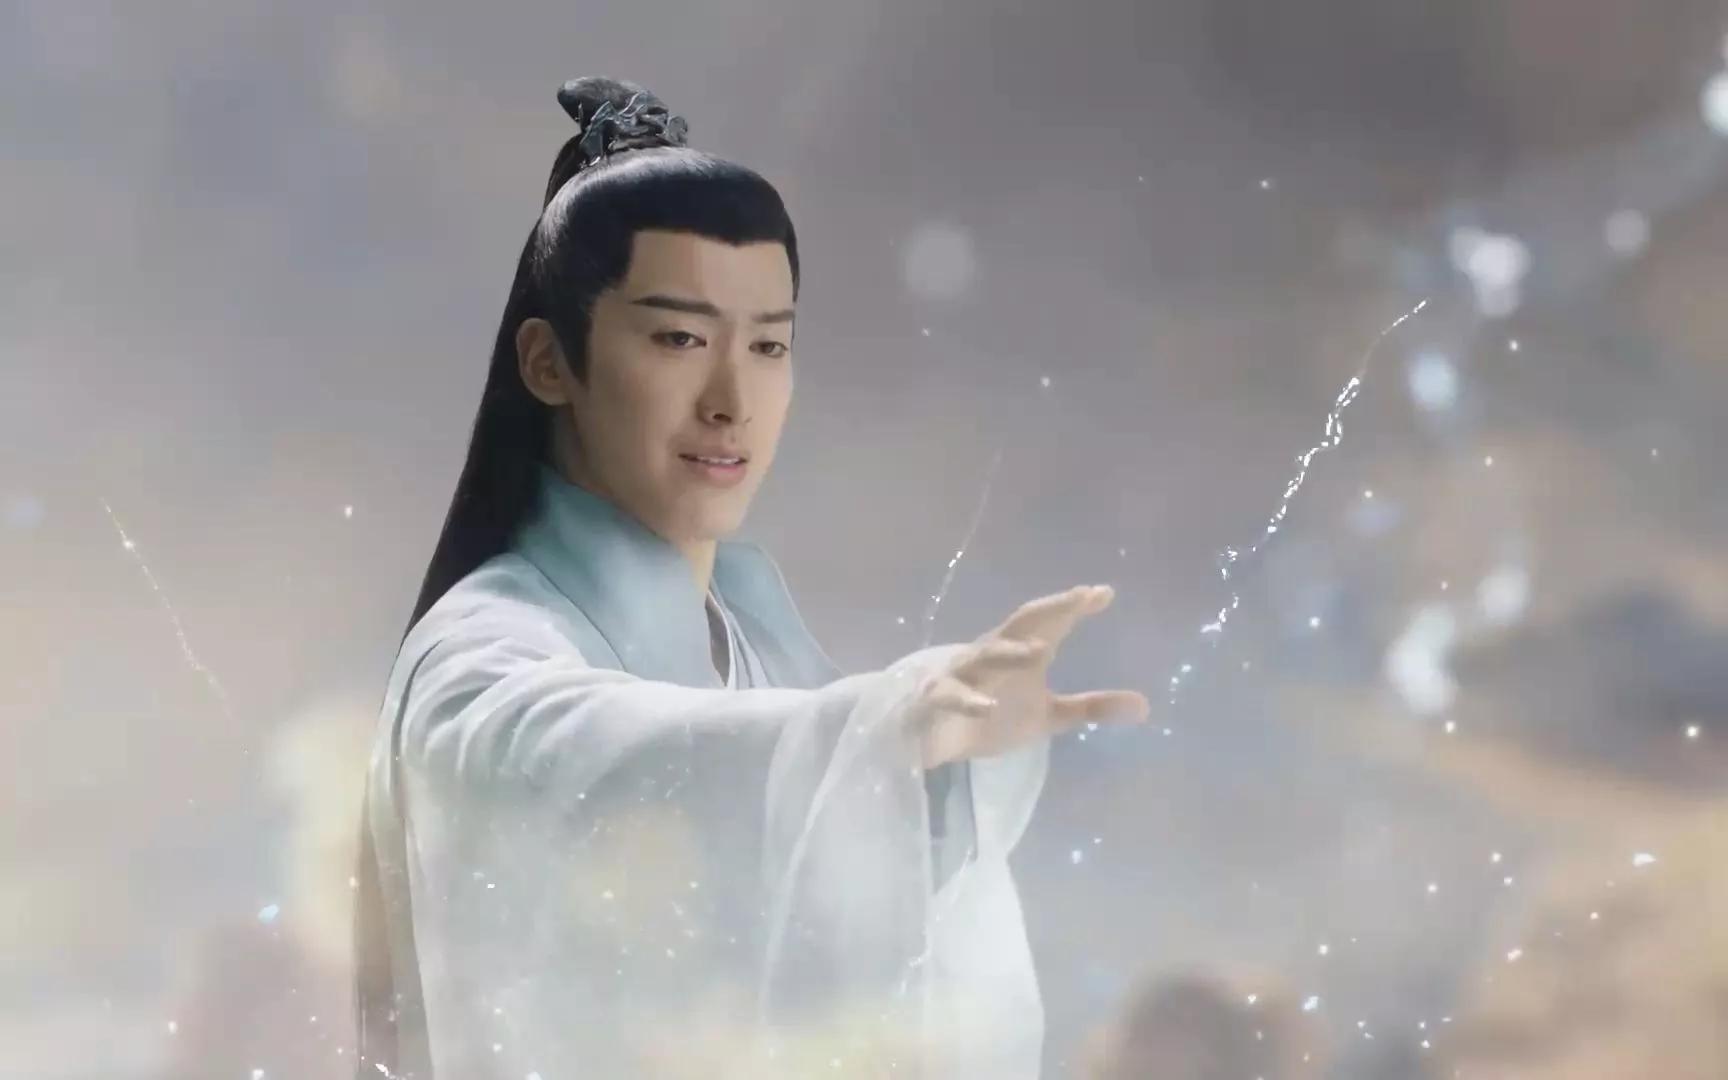 千古玦尘:古君为何常年不在清池宫,他干什么去了?白玦最清楚